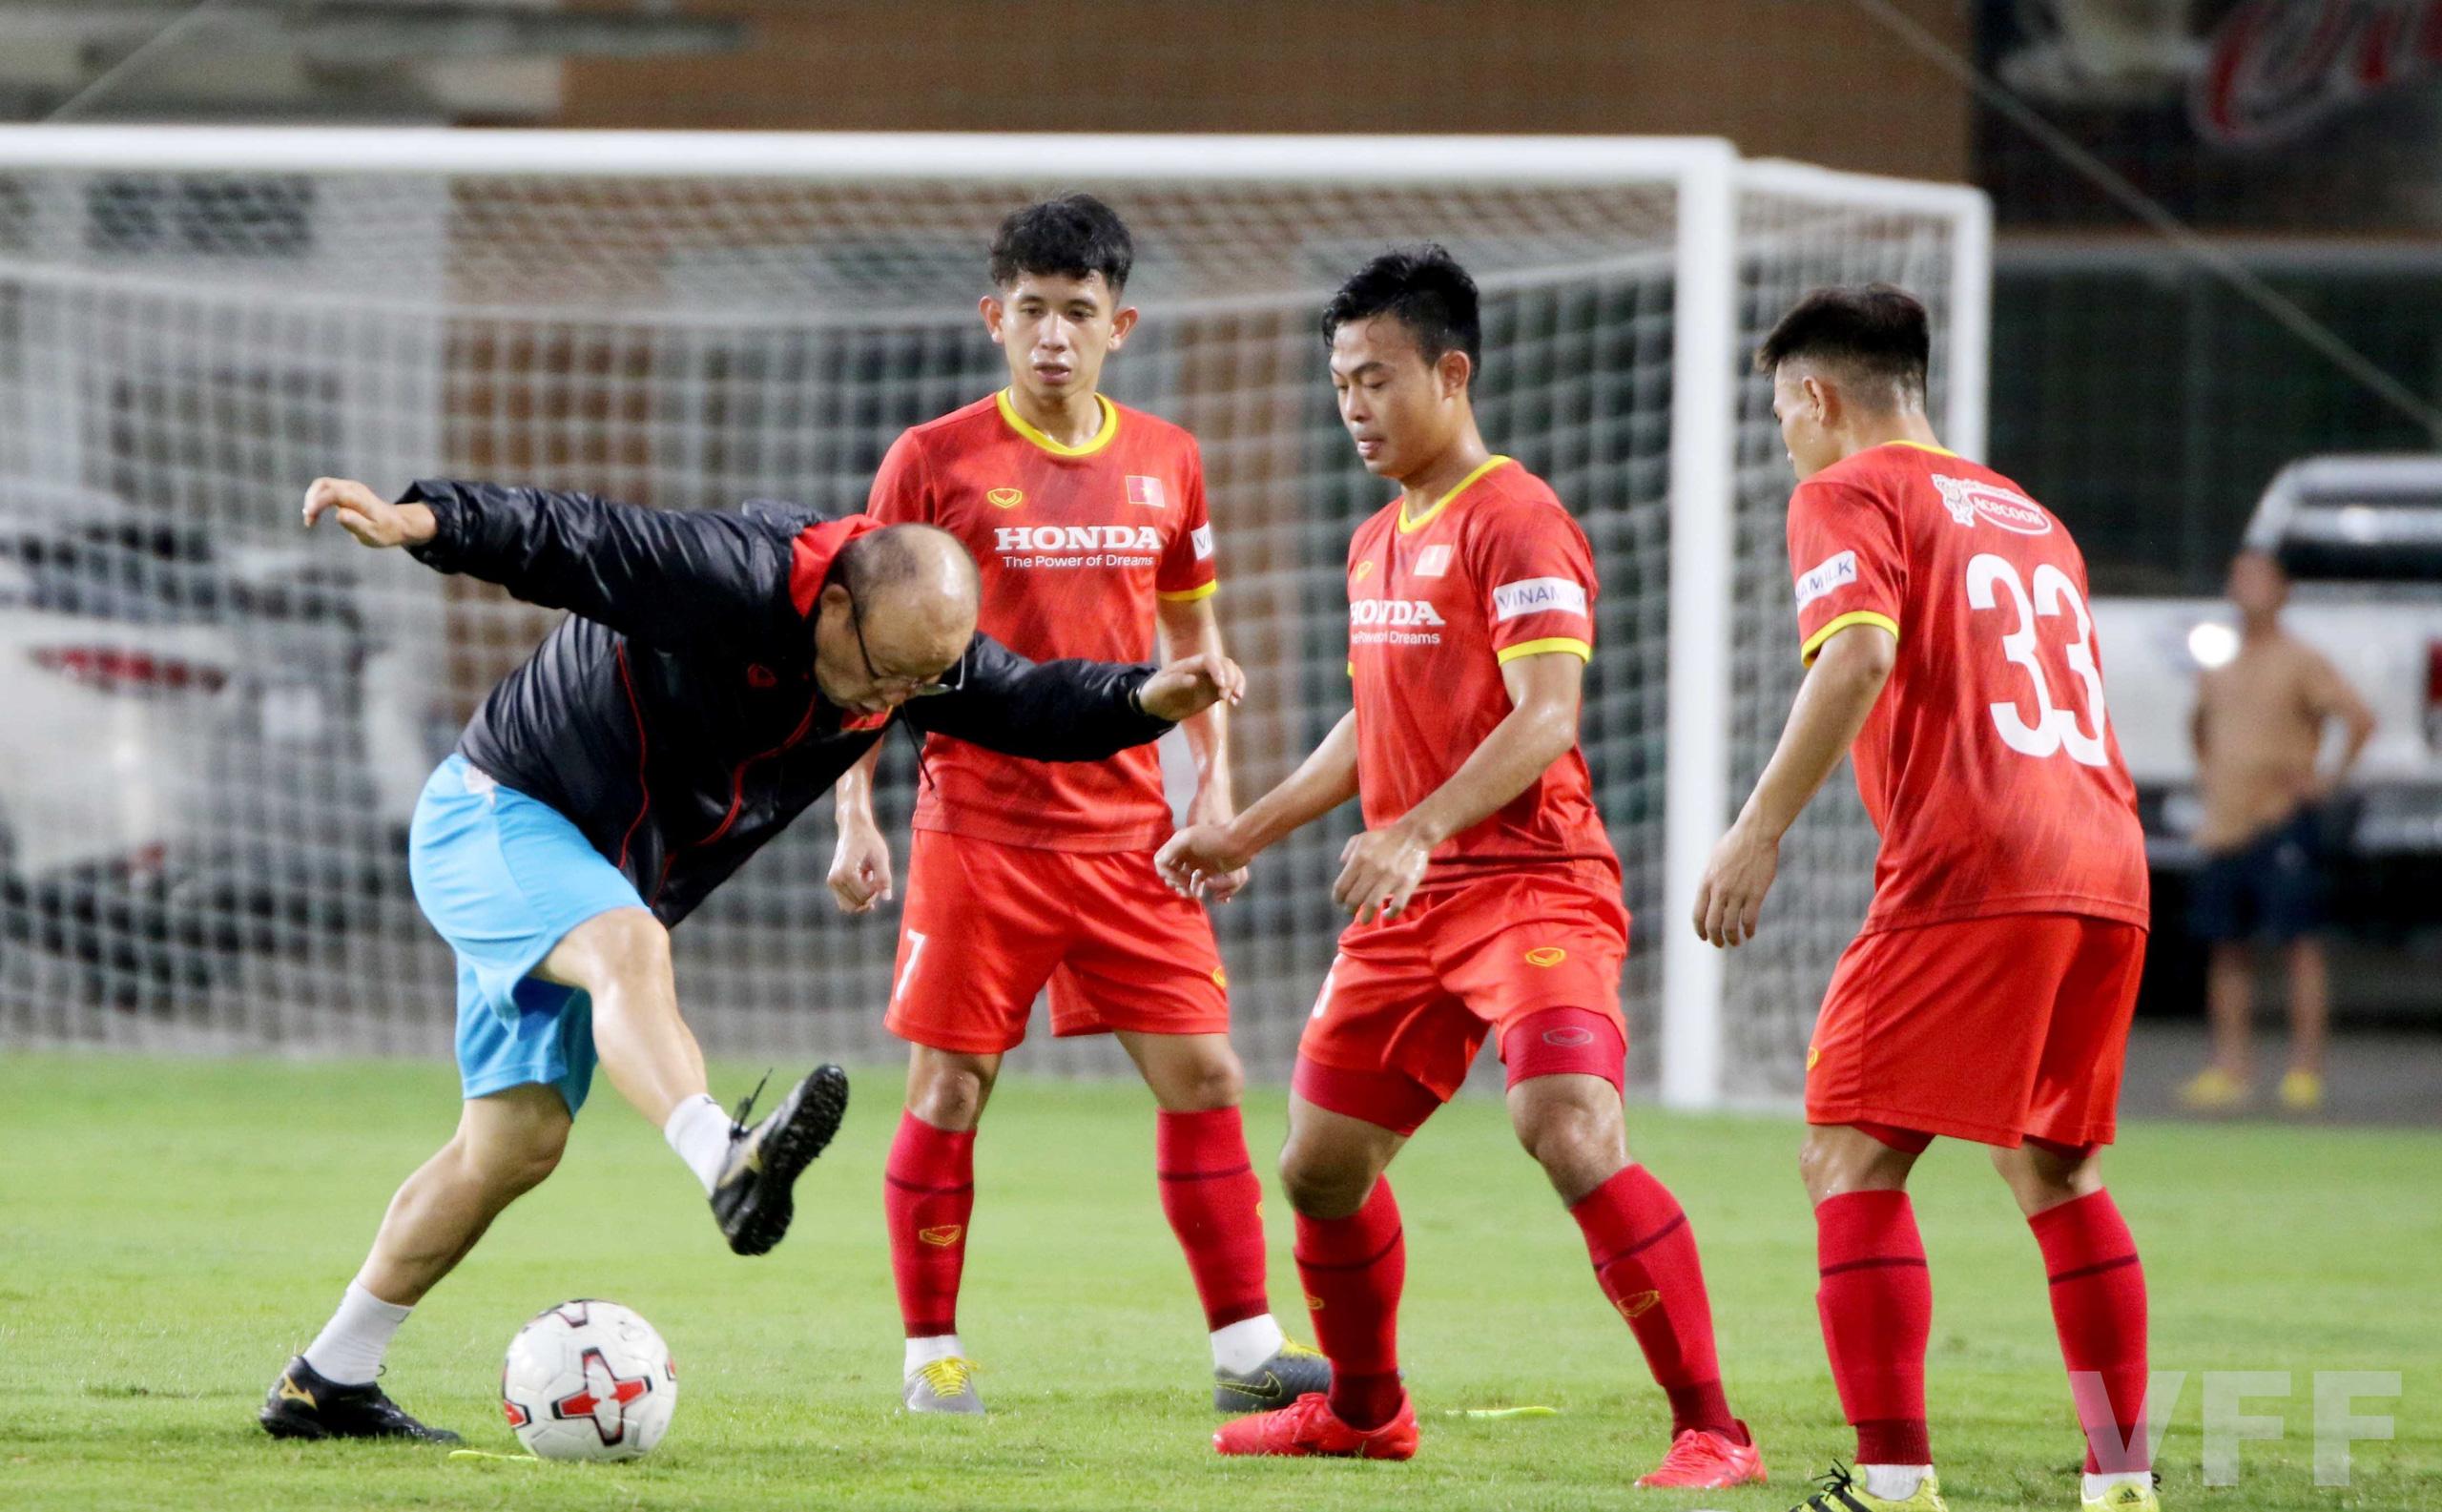 """HLV Park Hang-seo """"làm xiếc"""" với bóng khiến học trò ngỡ ngàng! - Ảnh 8."""